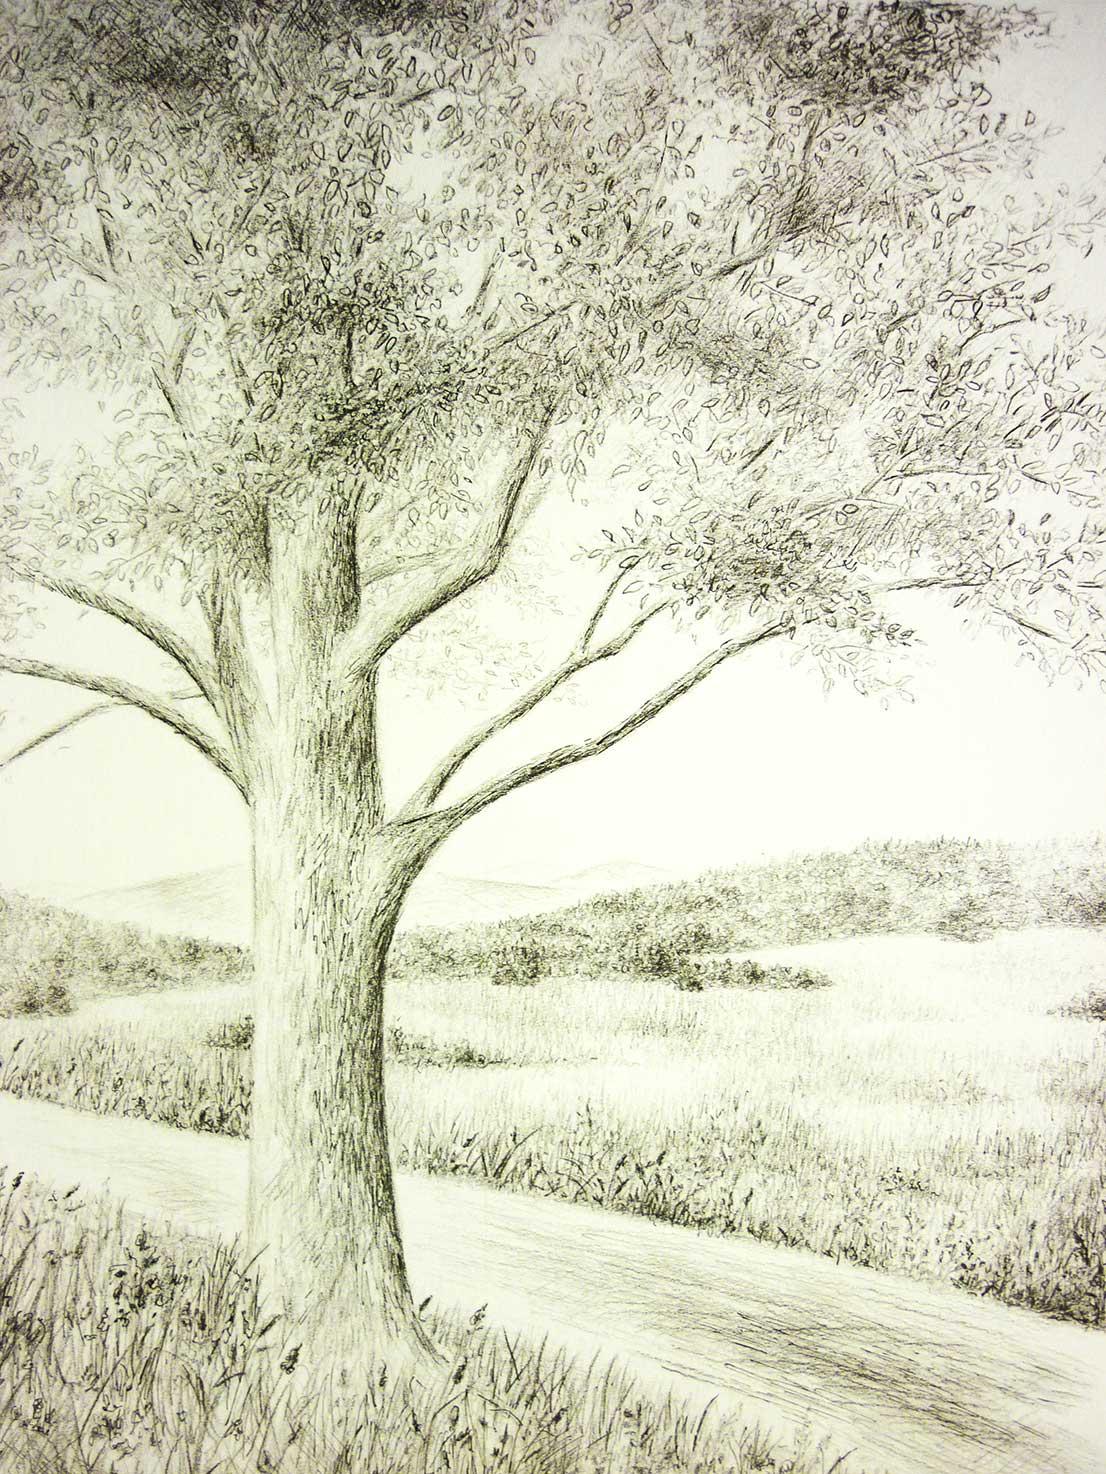 Zeichnung-Baum-Roemerweg Atelier